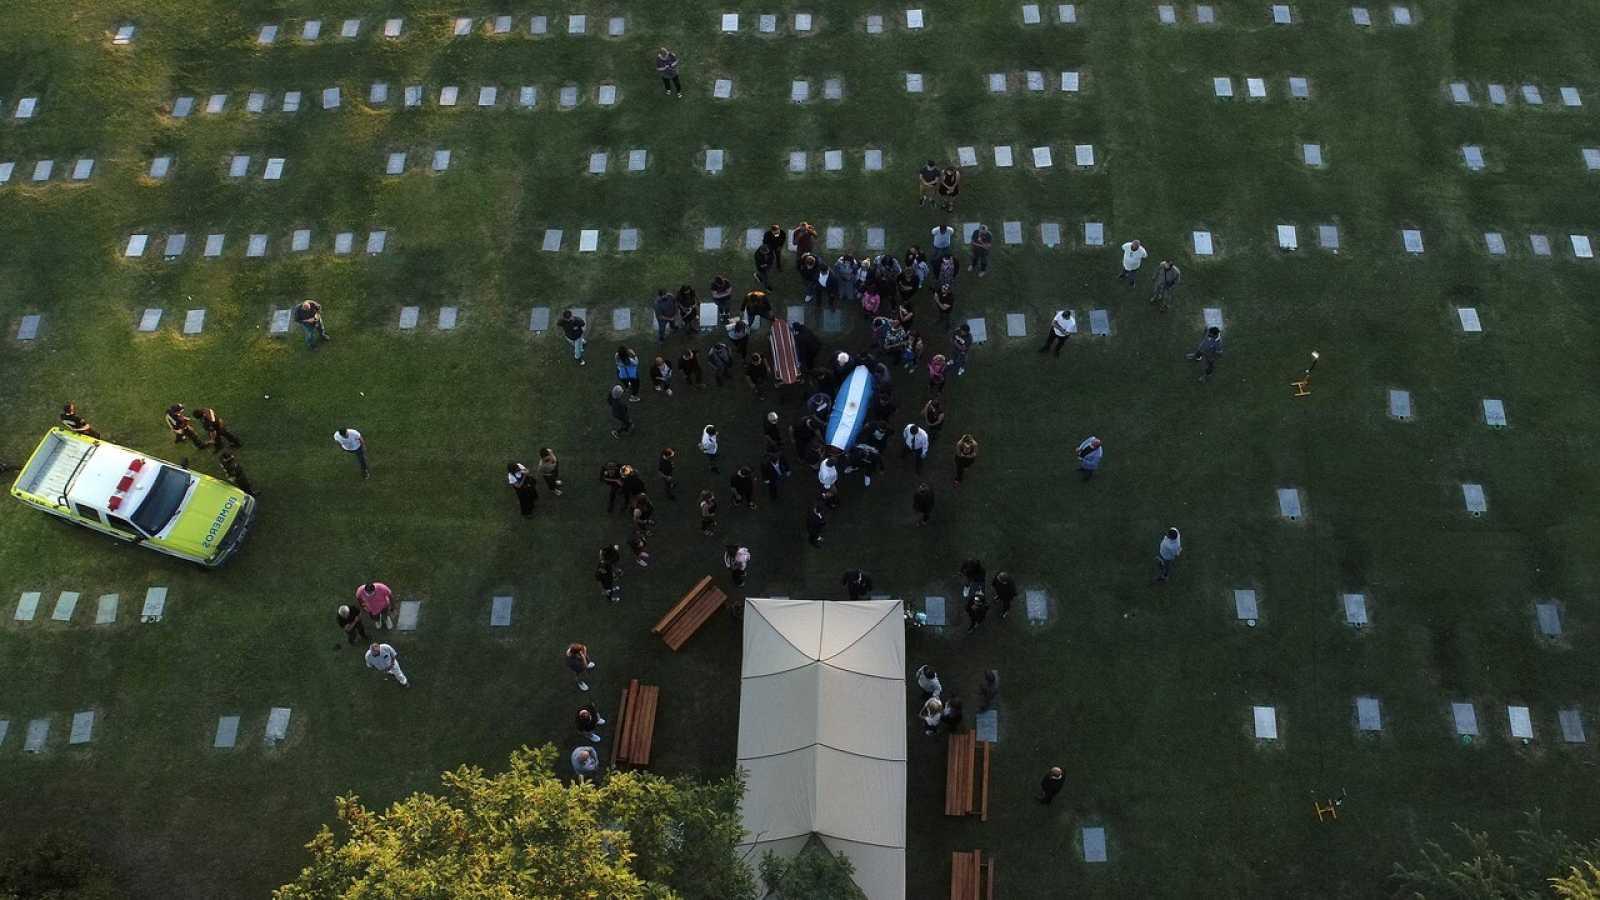 Maradona es enterrado en una ceremonia íntima a las afueras de Buenos Aires tras una multitudinaria despedida